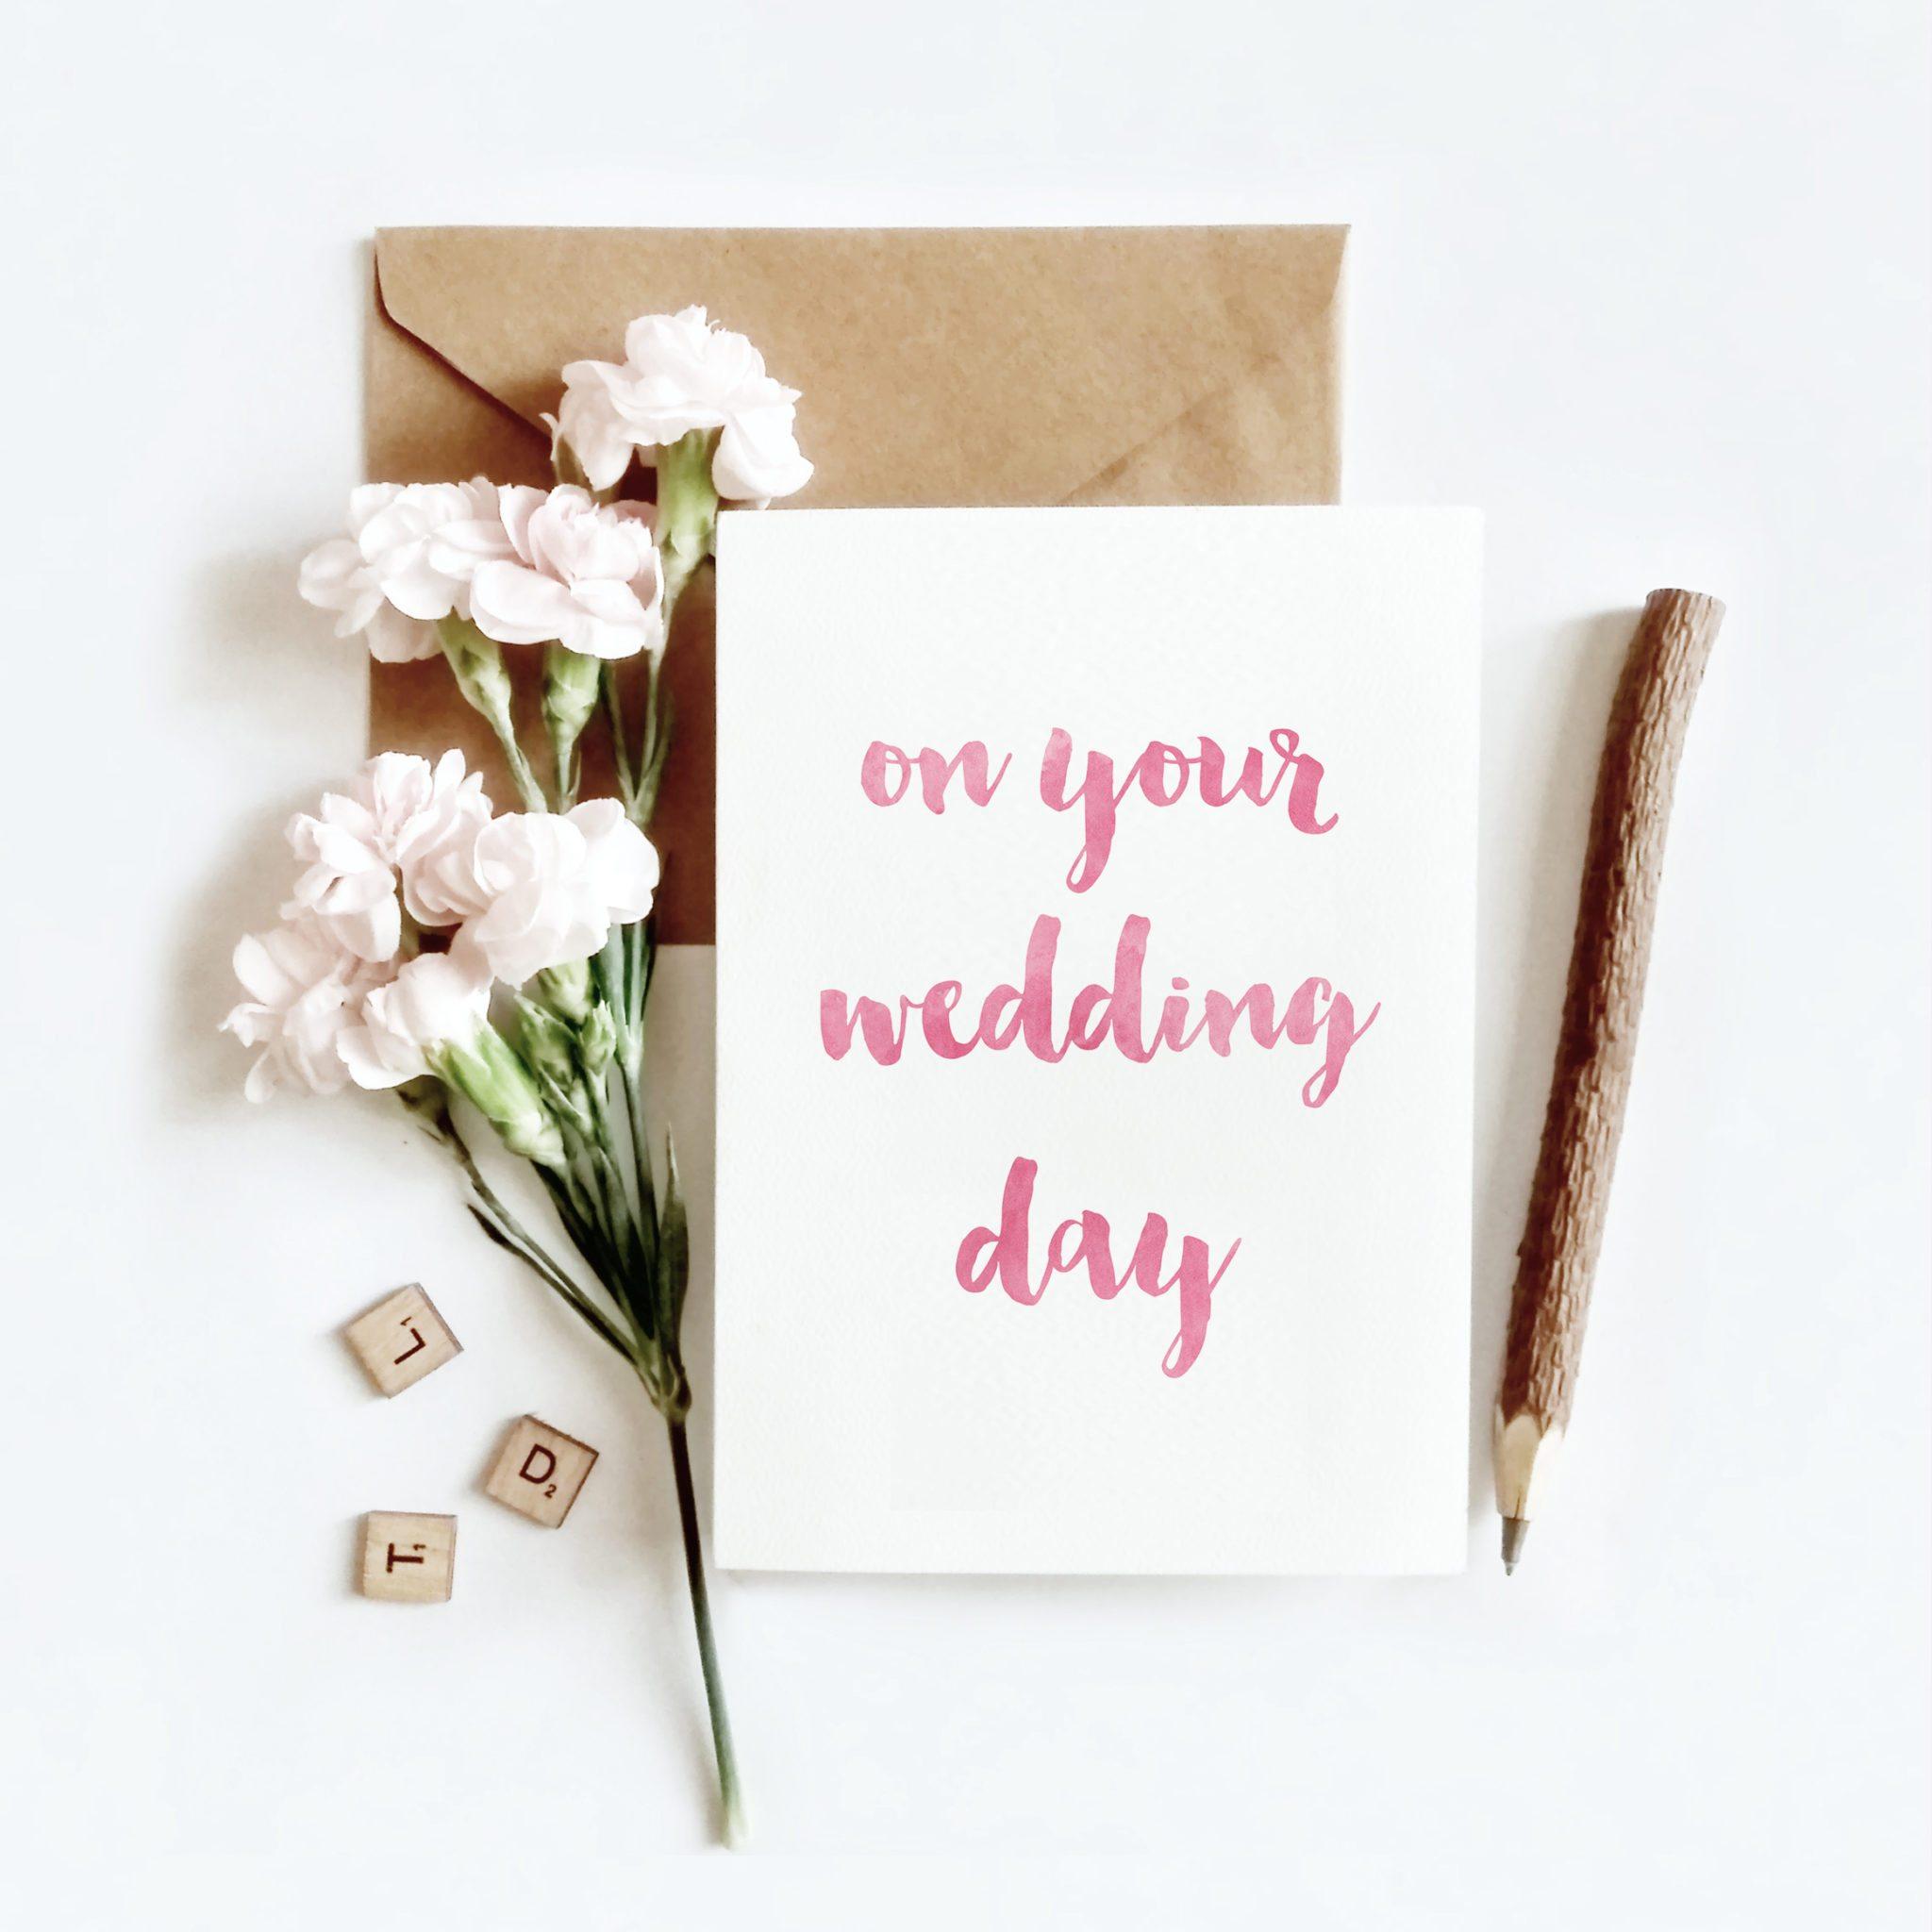 Wedding Day Card On Your Wedding Day Wedding Cards Gift Idea